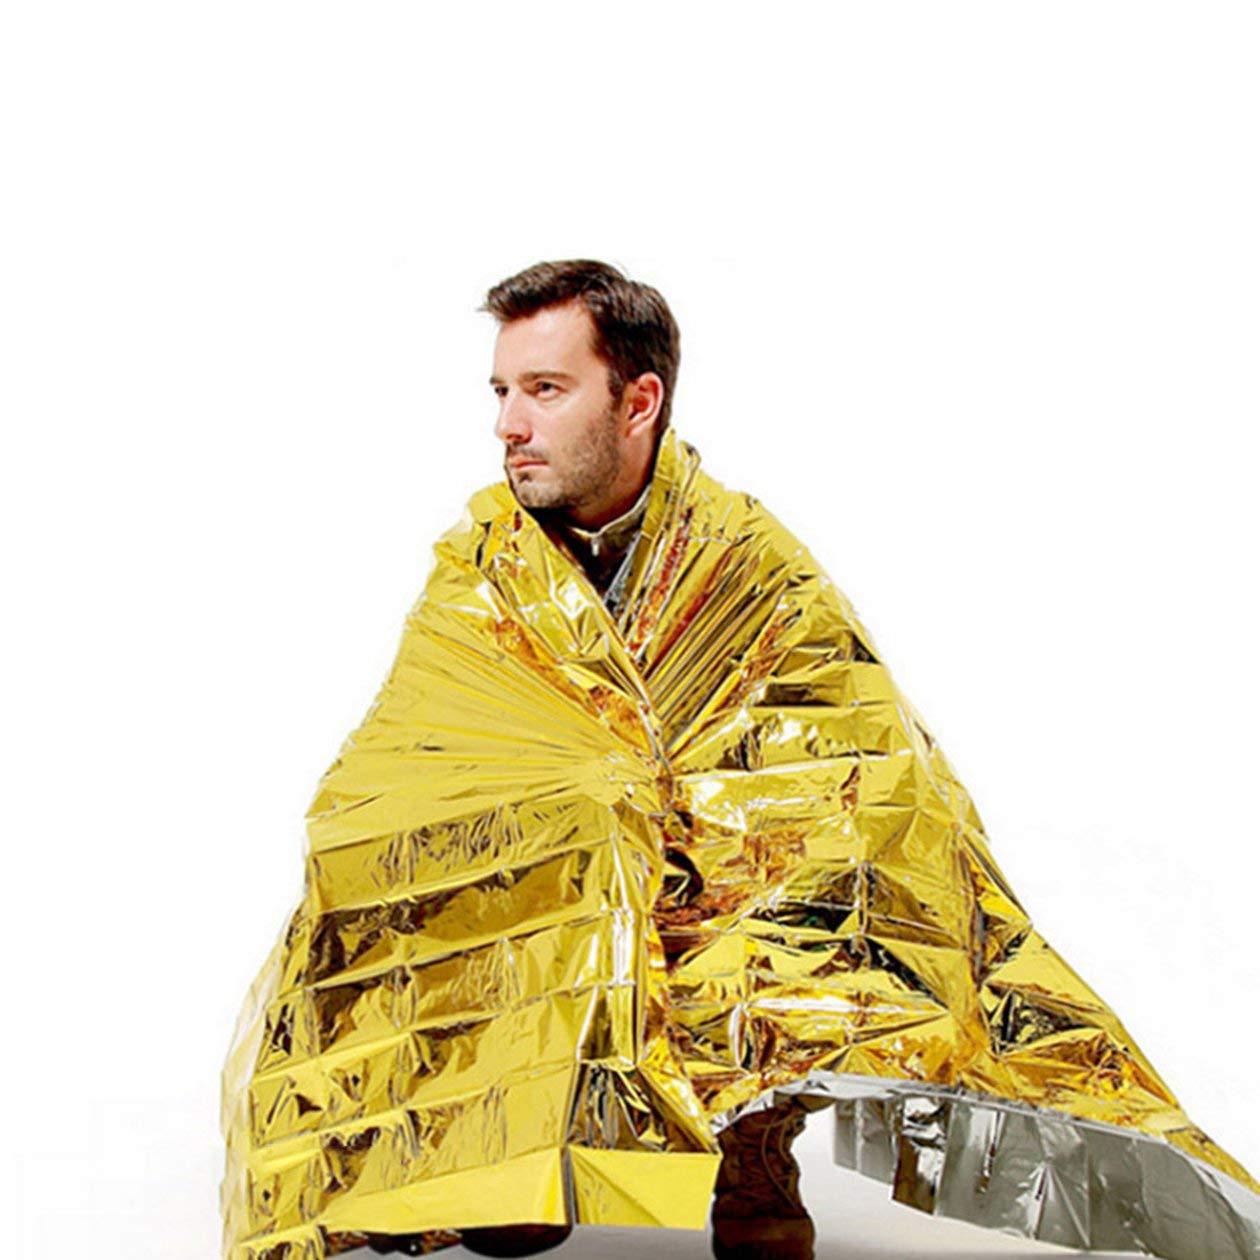 Oro y Plata BIYI Pet Manta de Rescate de Emergencia Manta de Aislamiento de Supervivencia al Aire Libre Pel/ícula de Revestimiento Manta de Rescate Que Salva Vidas 140X210